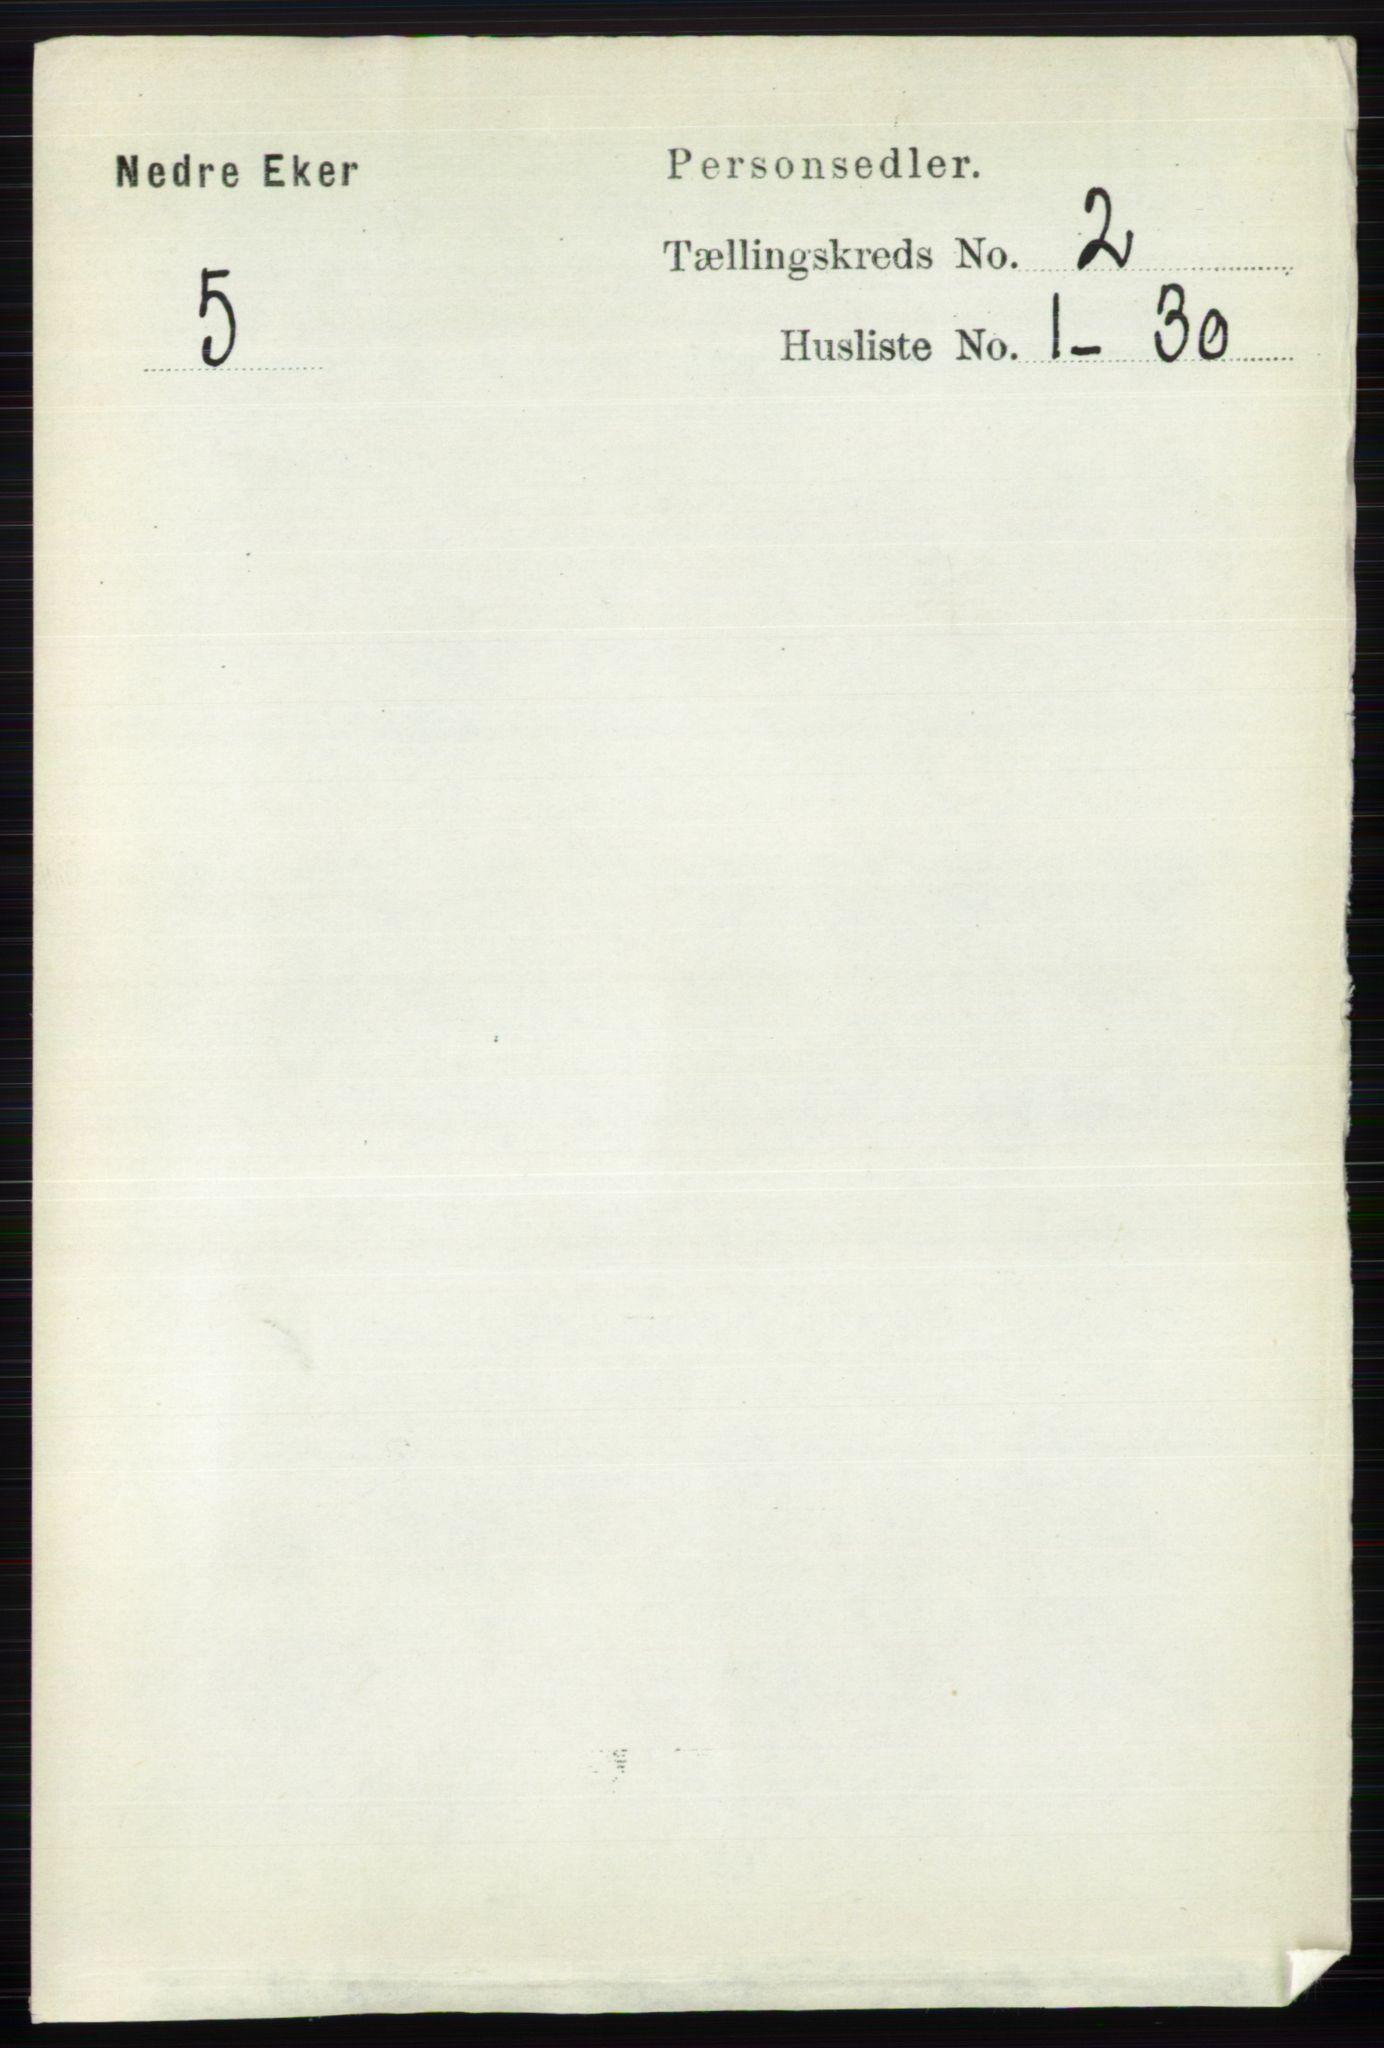 RA, Folketelling 1891 for 0625 Nedre Eiker herred, 1891, s. 541